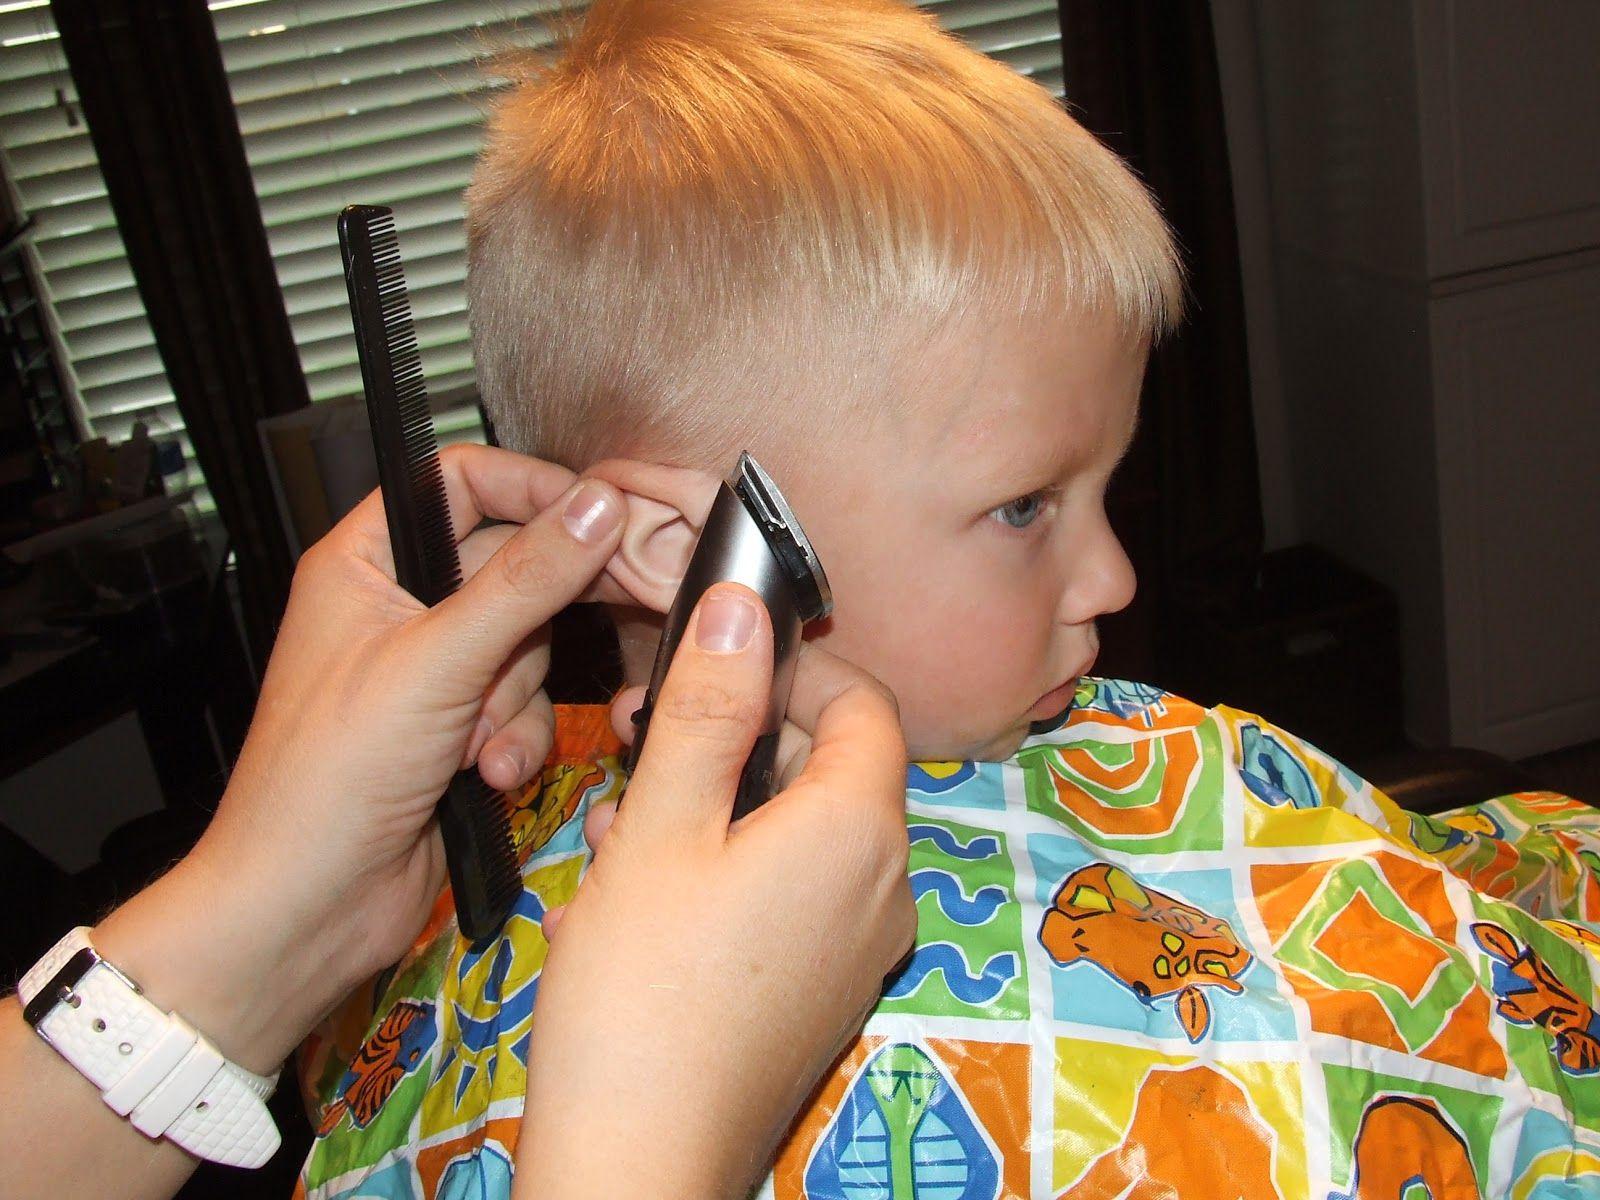 Как обрезать ногти ребенку без истерики? - страна мам